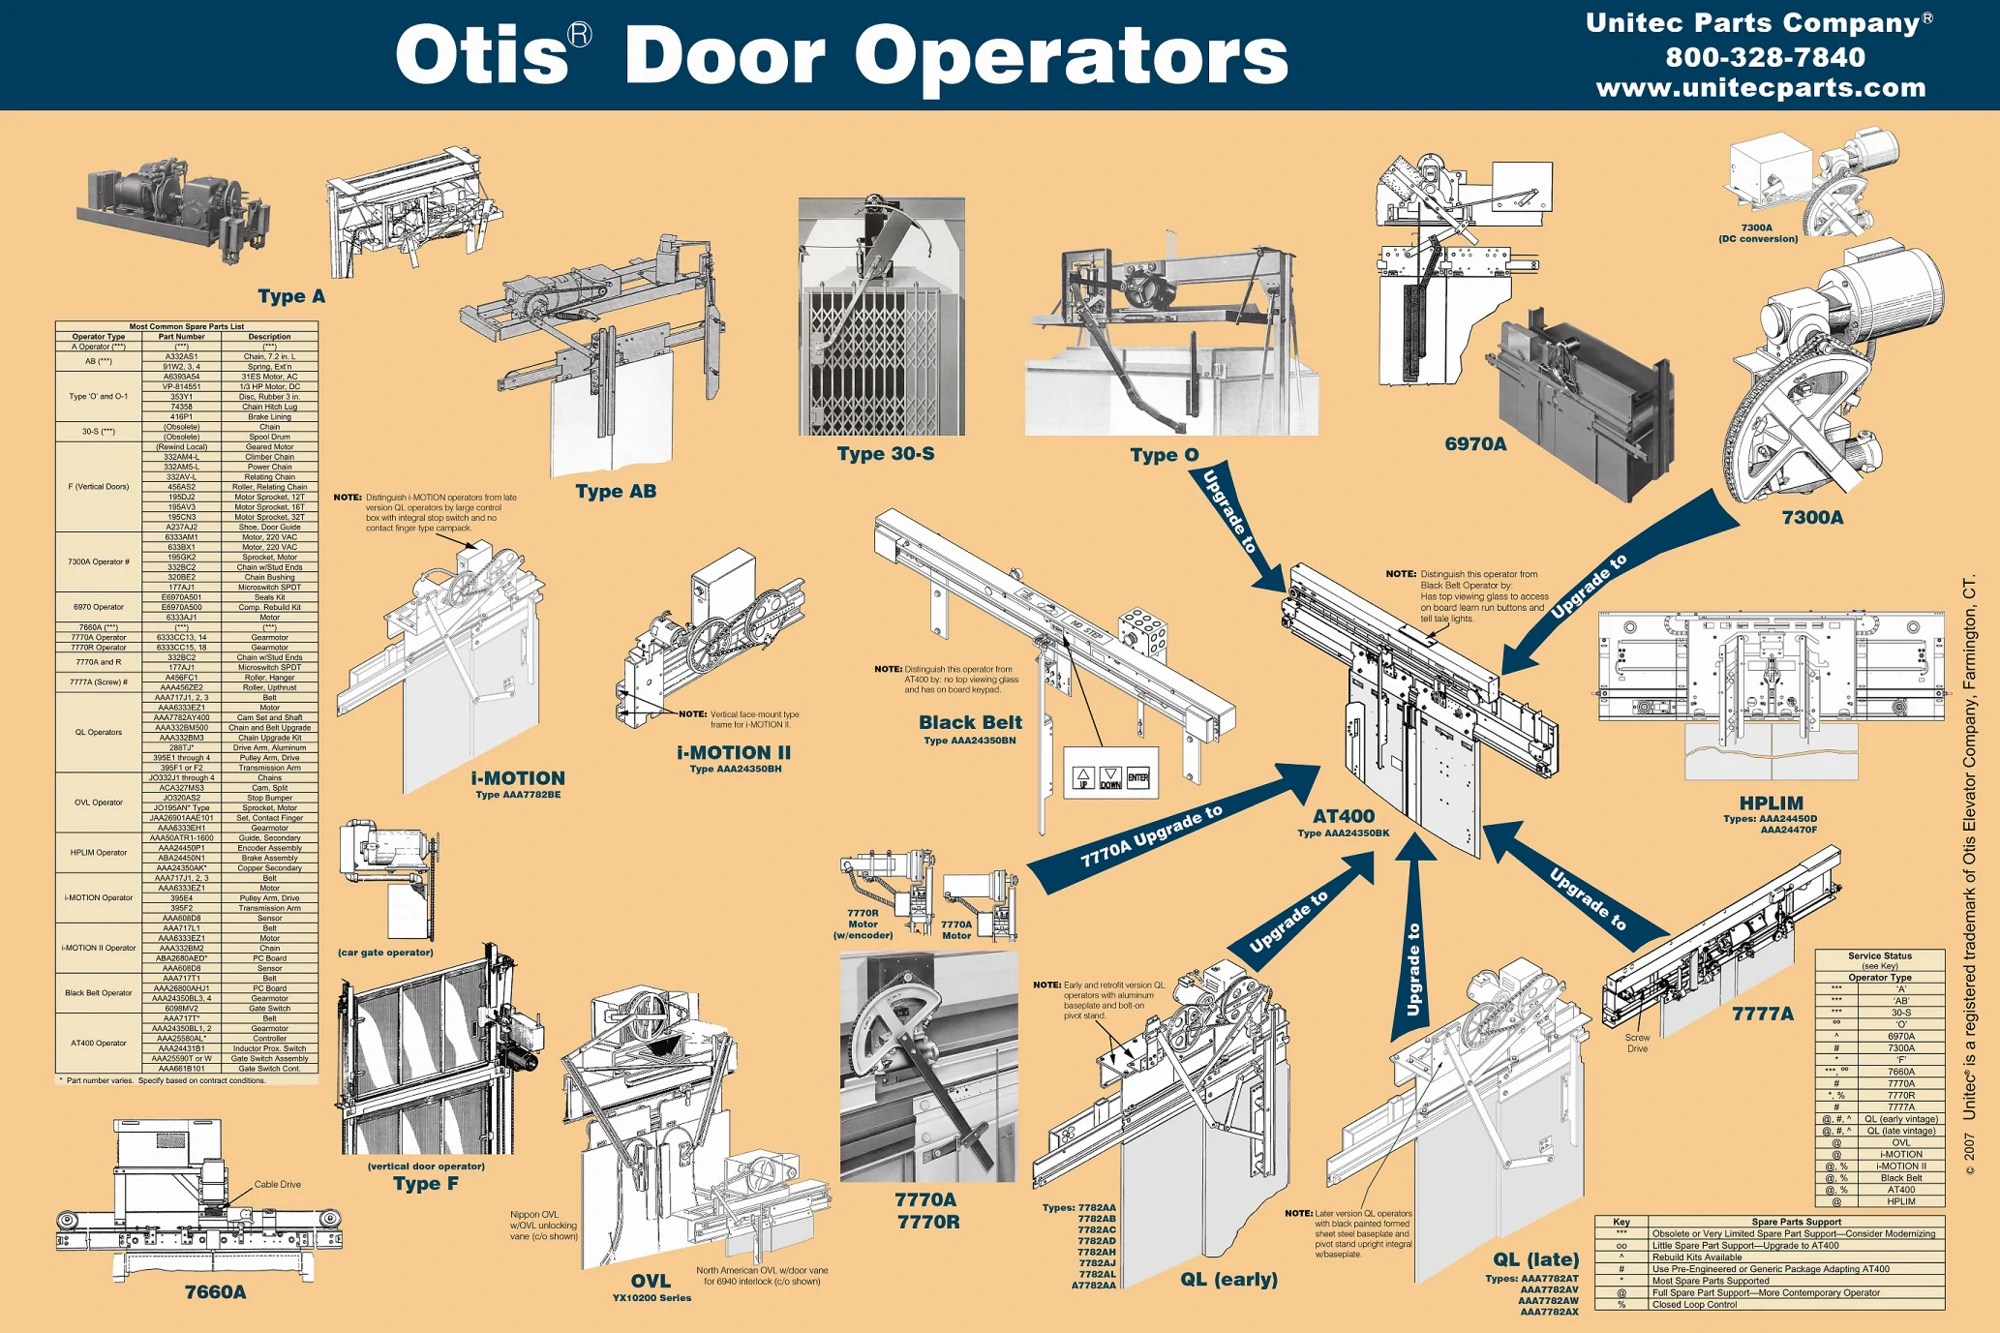 medium resolution of otis wiring diagram wiring diagram schematics rh ksefanzone com otis elevator wiring diagram basic electrical wiring